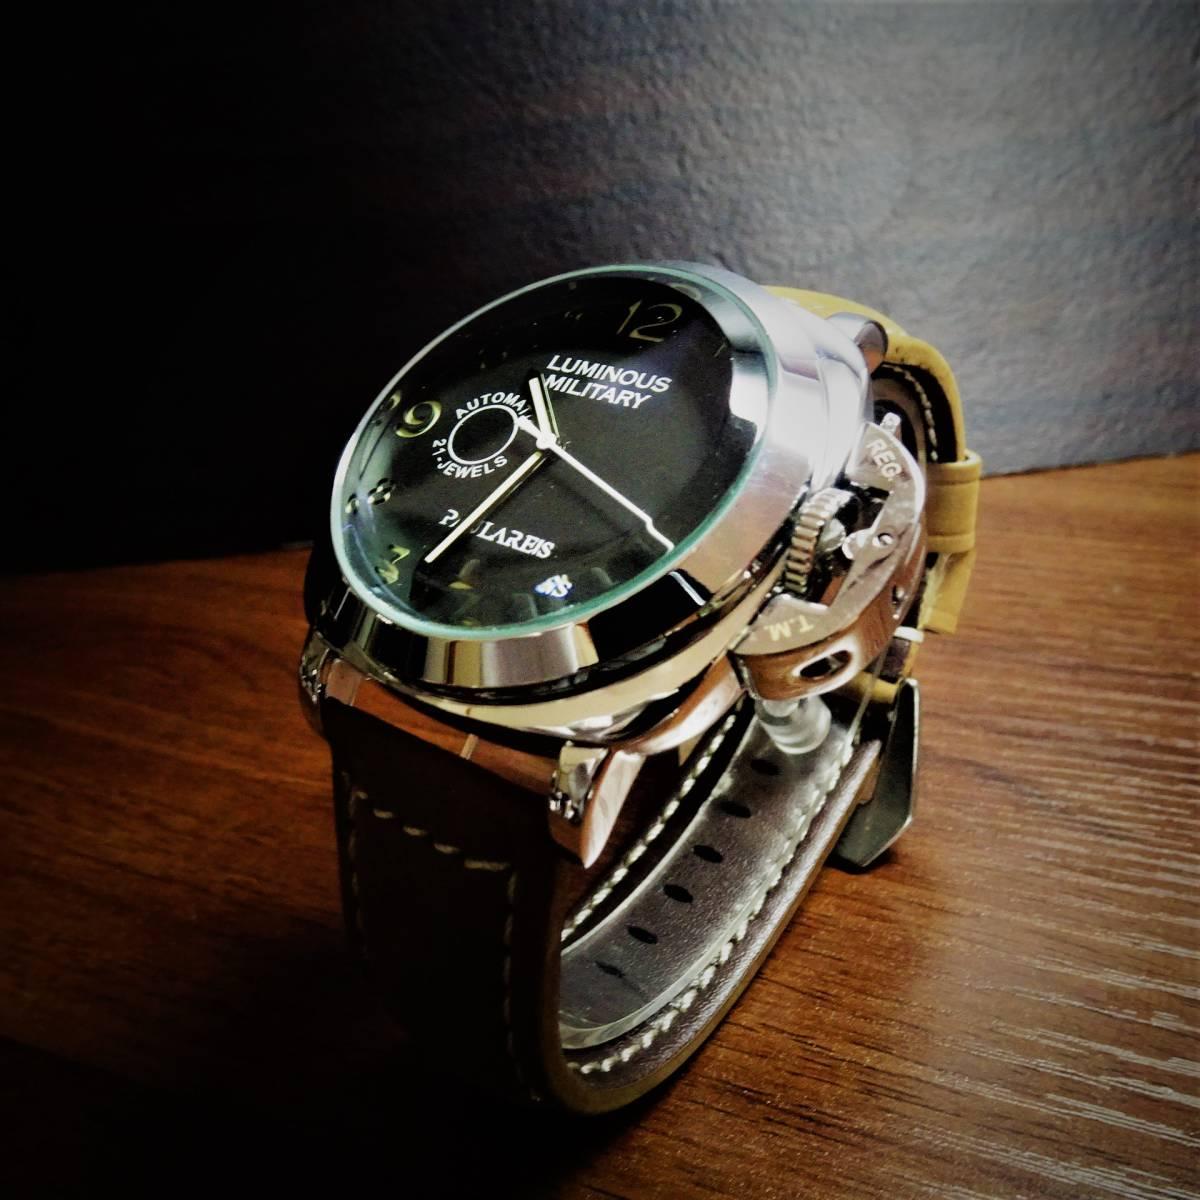 〓新品〓自動巻機械式 メンズ 腕時計本革ブラウンベルトPAULAREIS ブランド★LUMINOUS MILITARYミリタリーモデル★シルバーケース